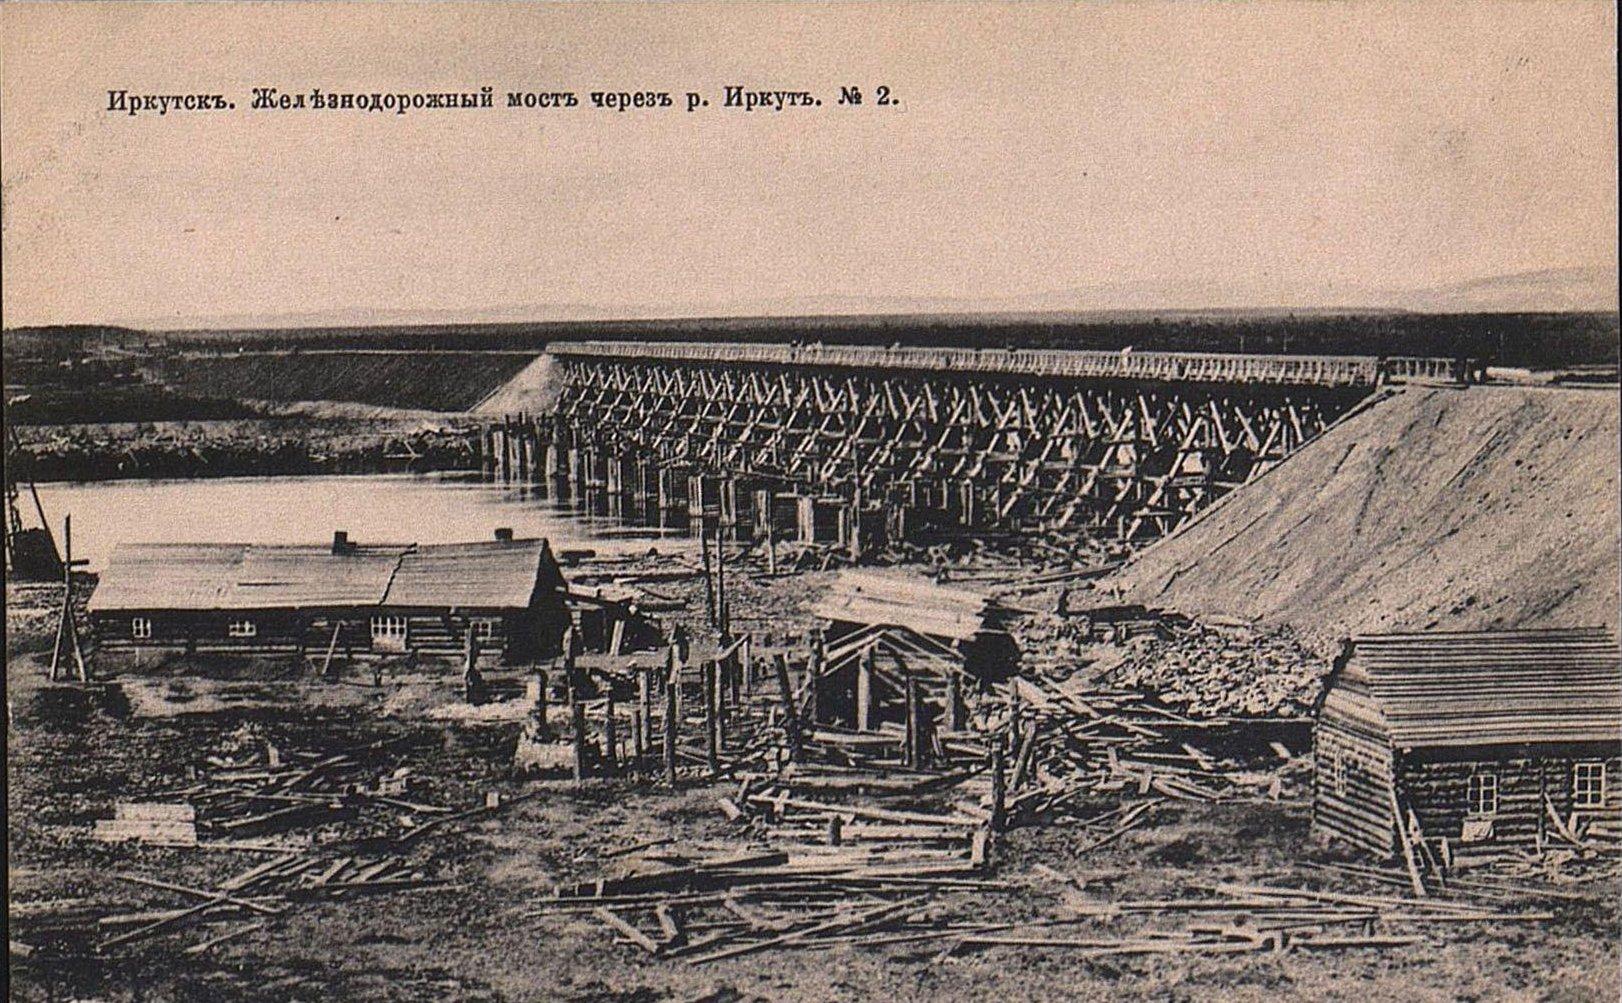 Окрестности Иркутска. Железнодорожный мост через реку Иркут